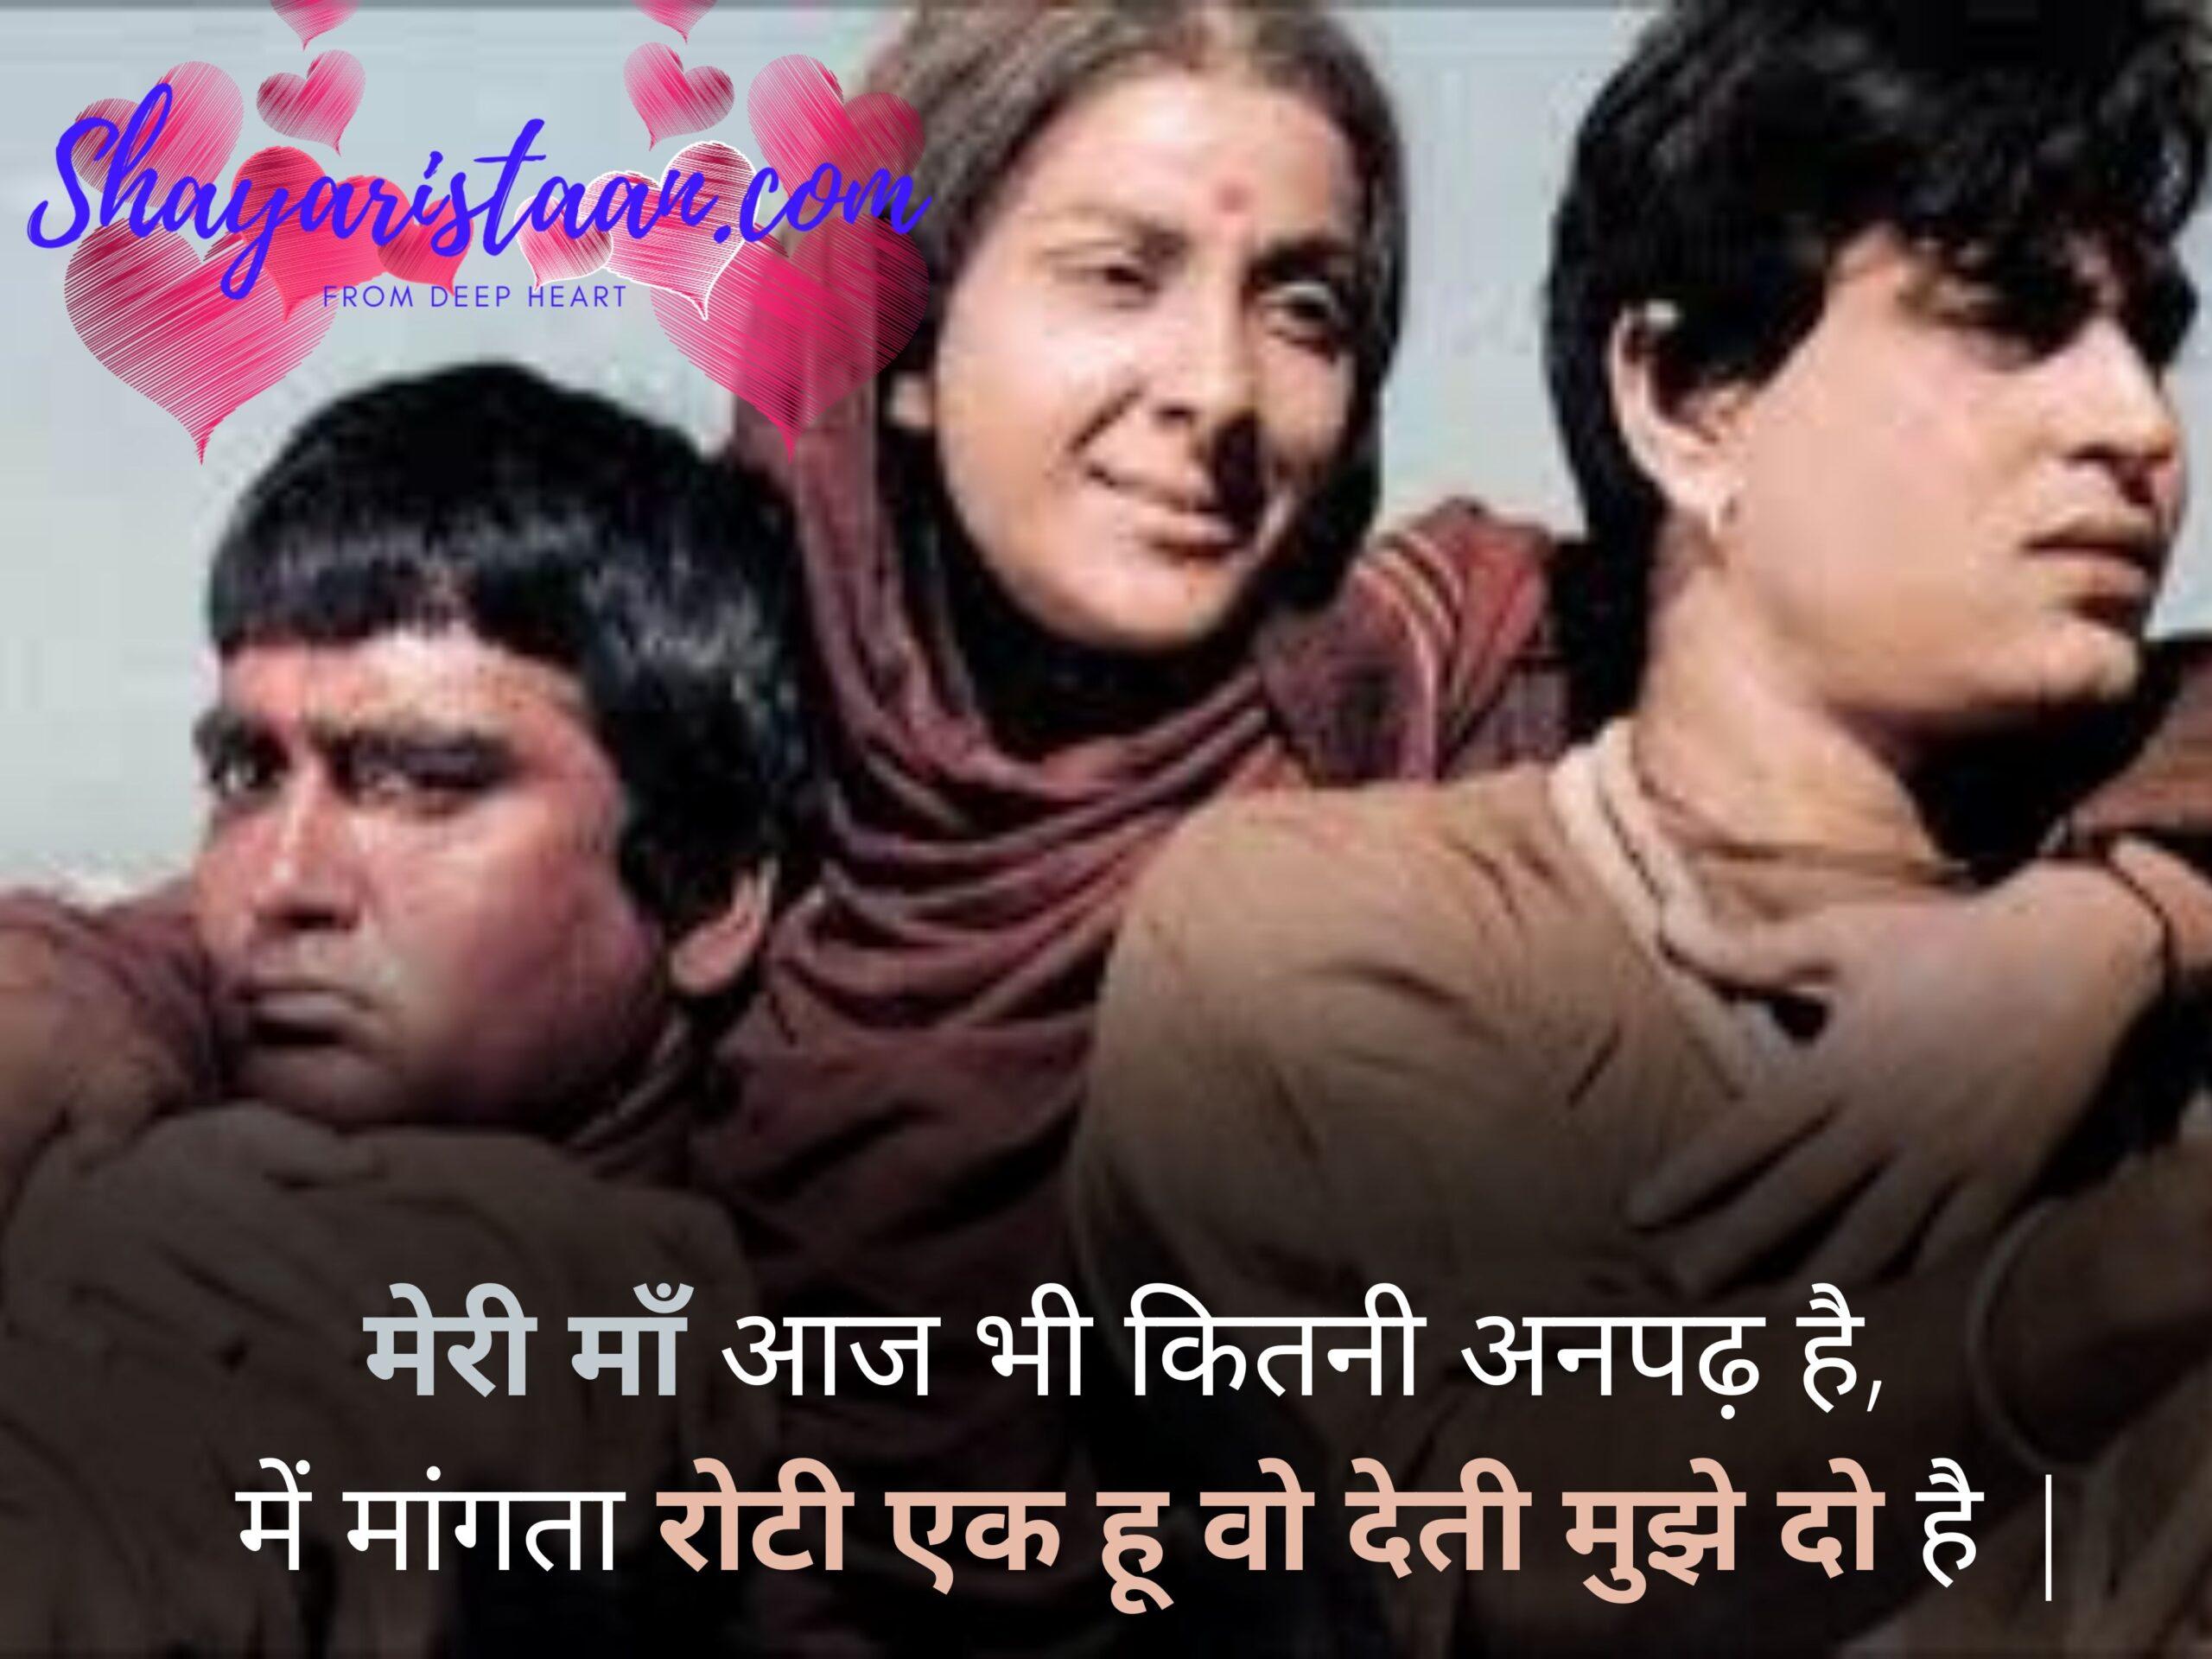 quotes on maa in hindi   मेरी माँ आज भी कितनी अनपढ़ है, में मांगता रोटी एक हू वो देती मुझे दो है  